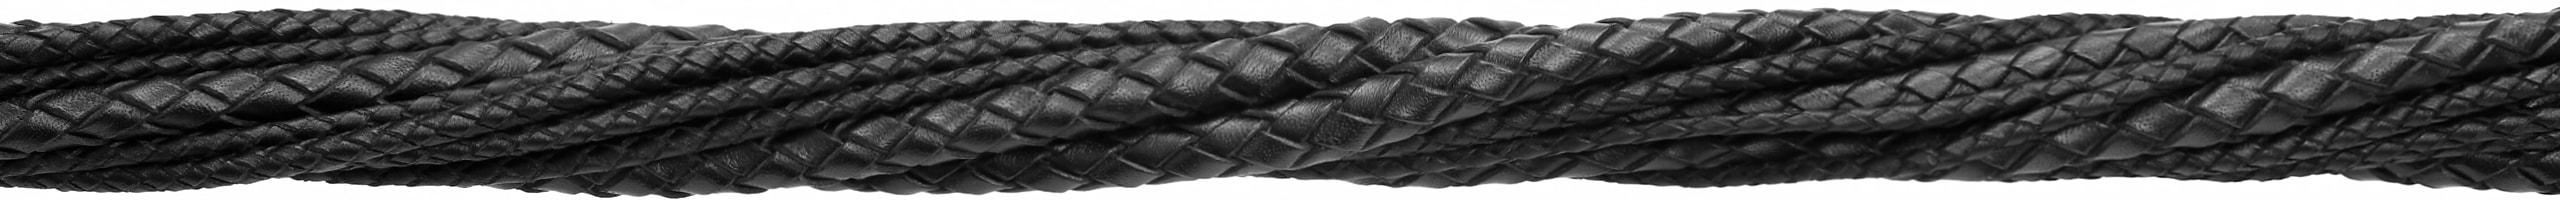 Кожаные плетеные шнуры Австрия от SKY SYSTEMS